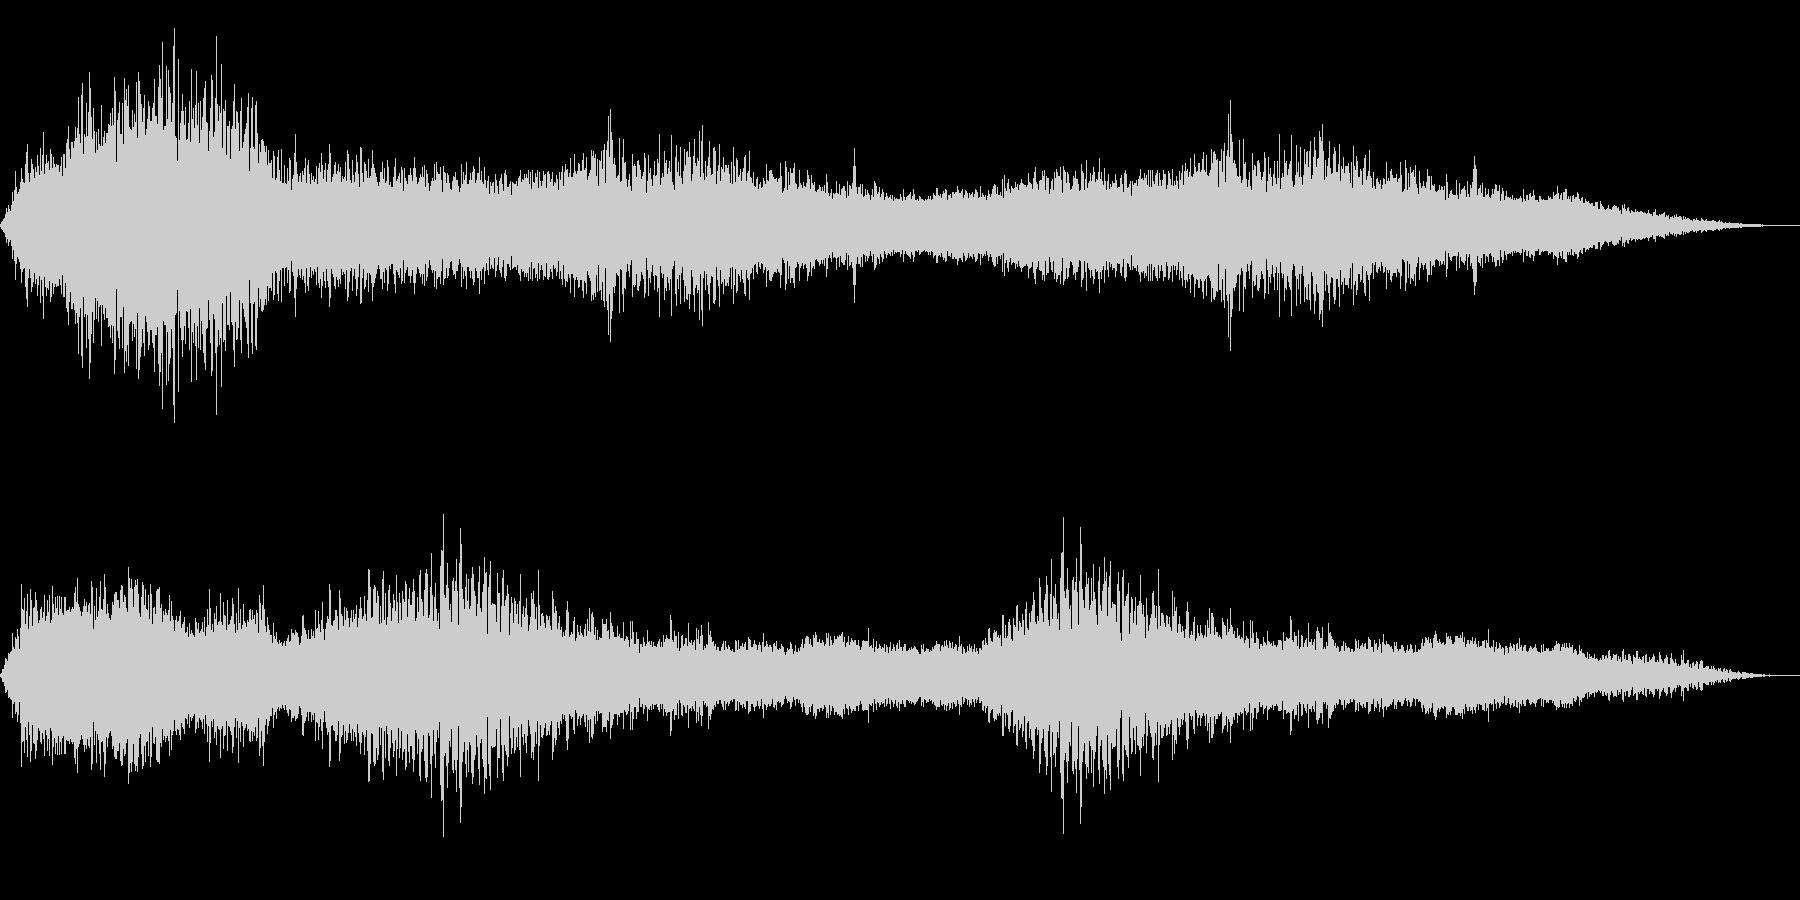 ホラー映画に出てきそうなノイズ系音源13の未再生の波形